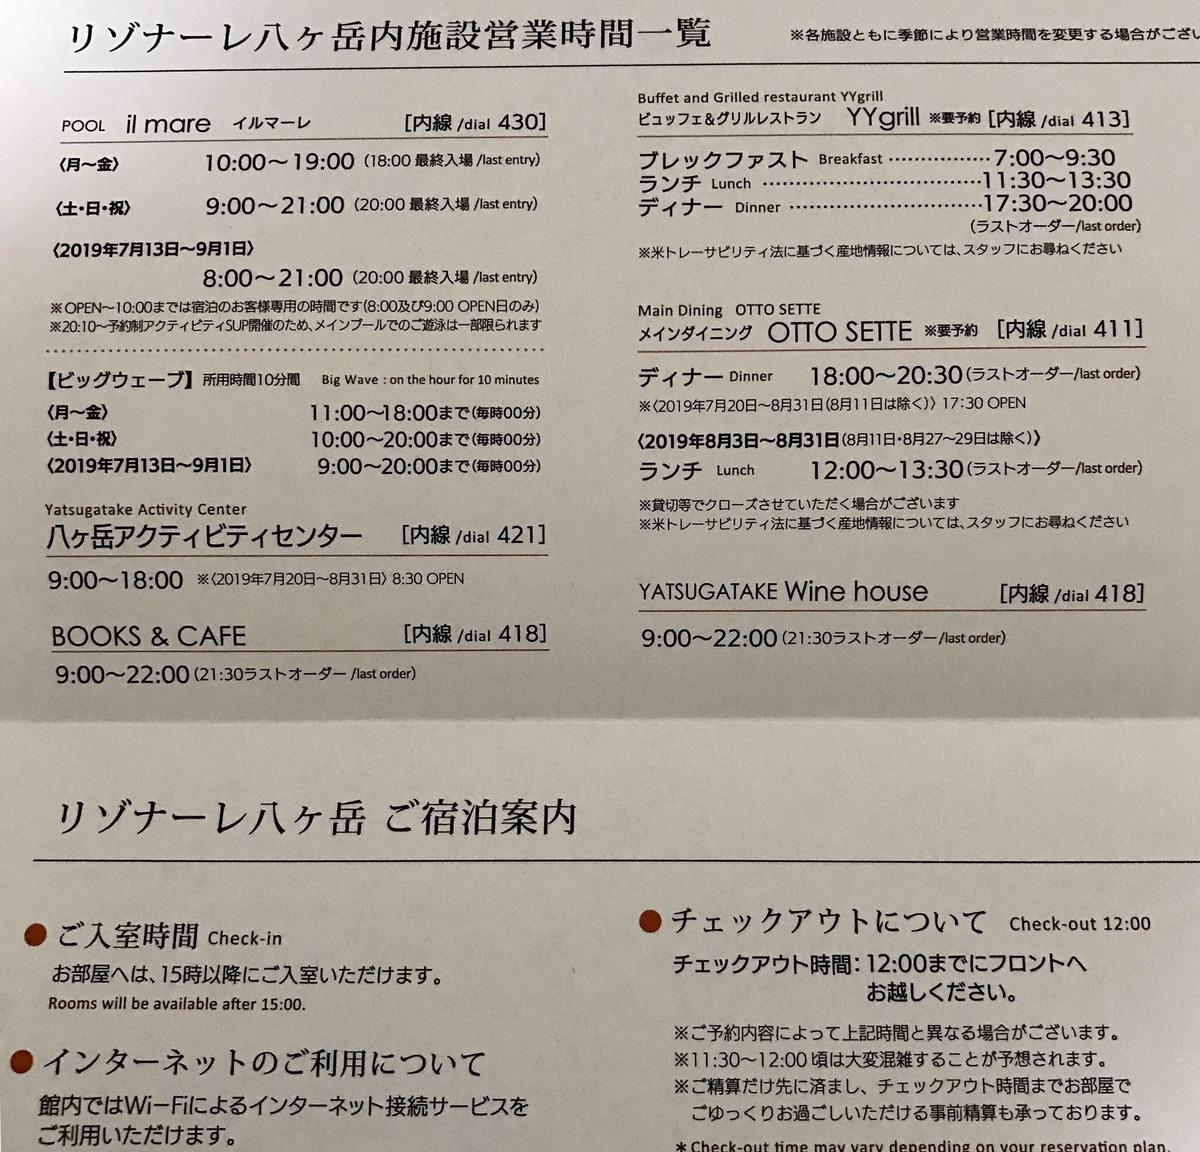 f:id:MisaTamaki:20190810122557j:plain